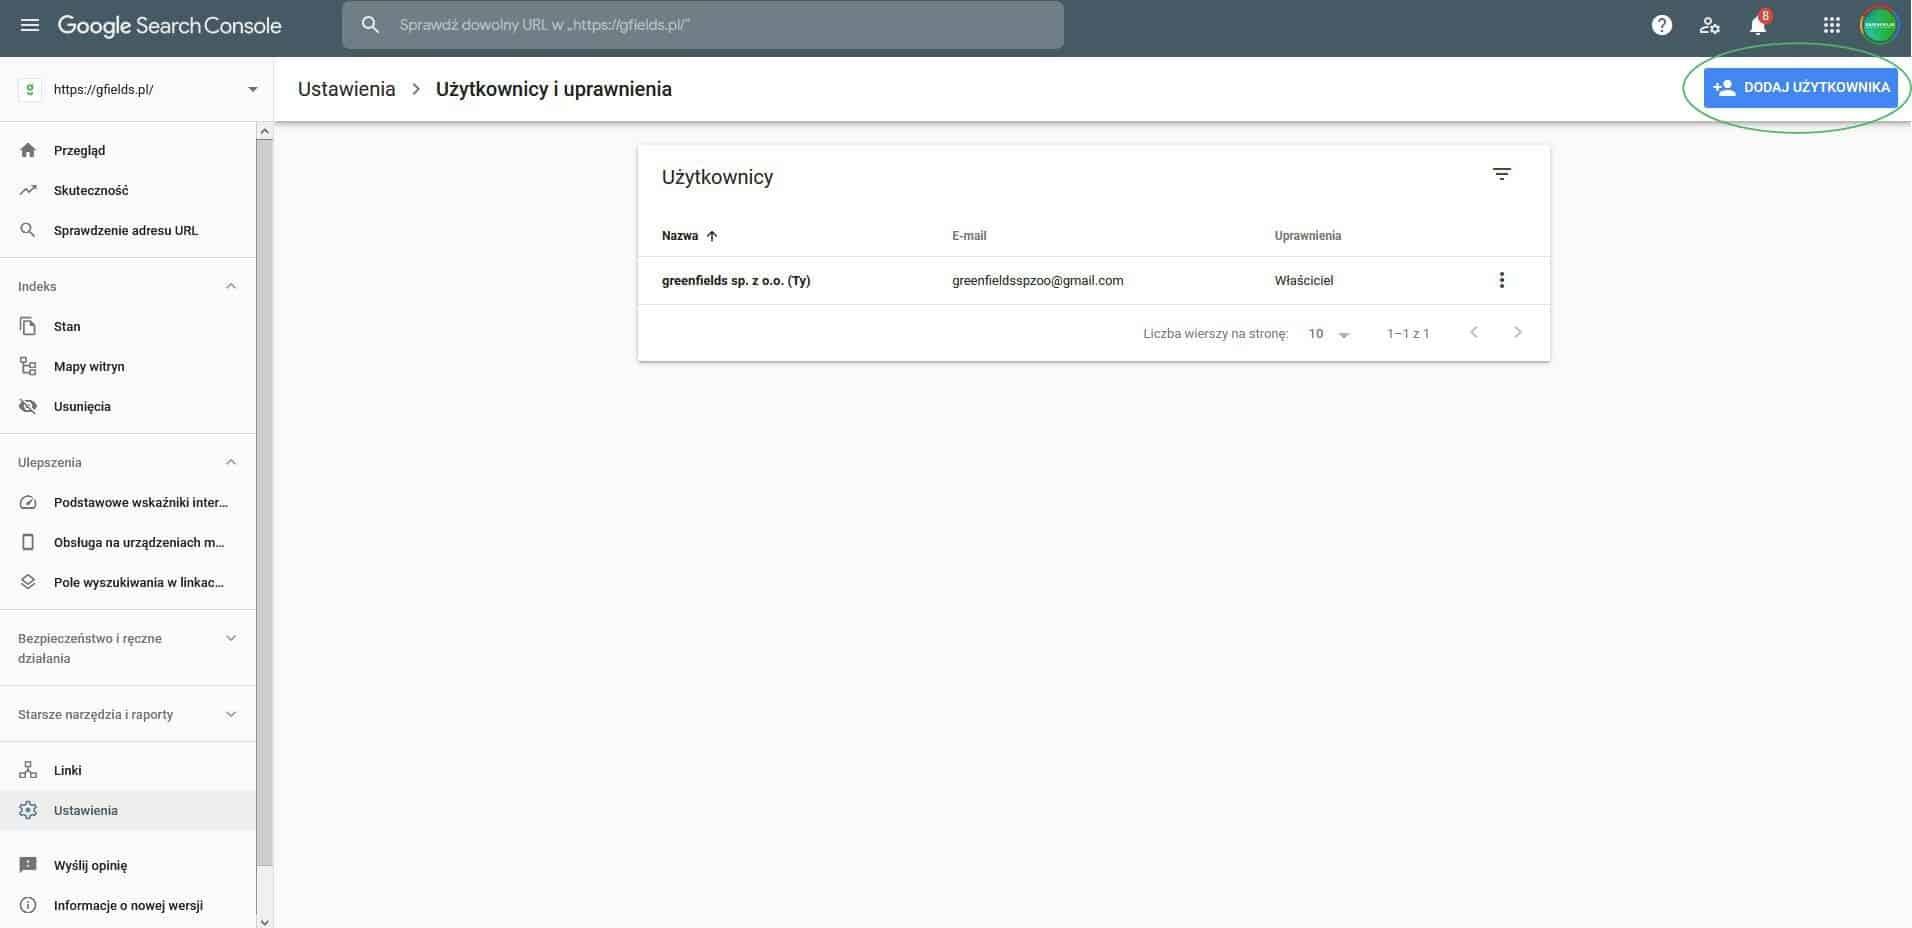 pasek dodaj użytkowników w google search console